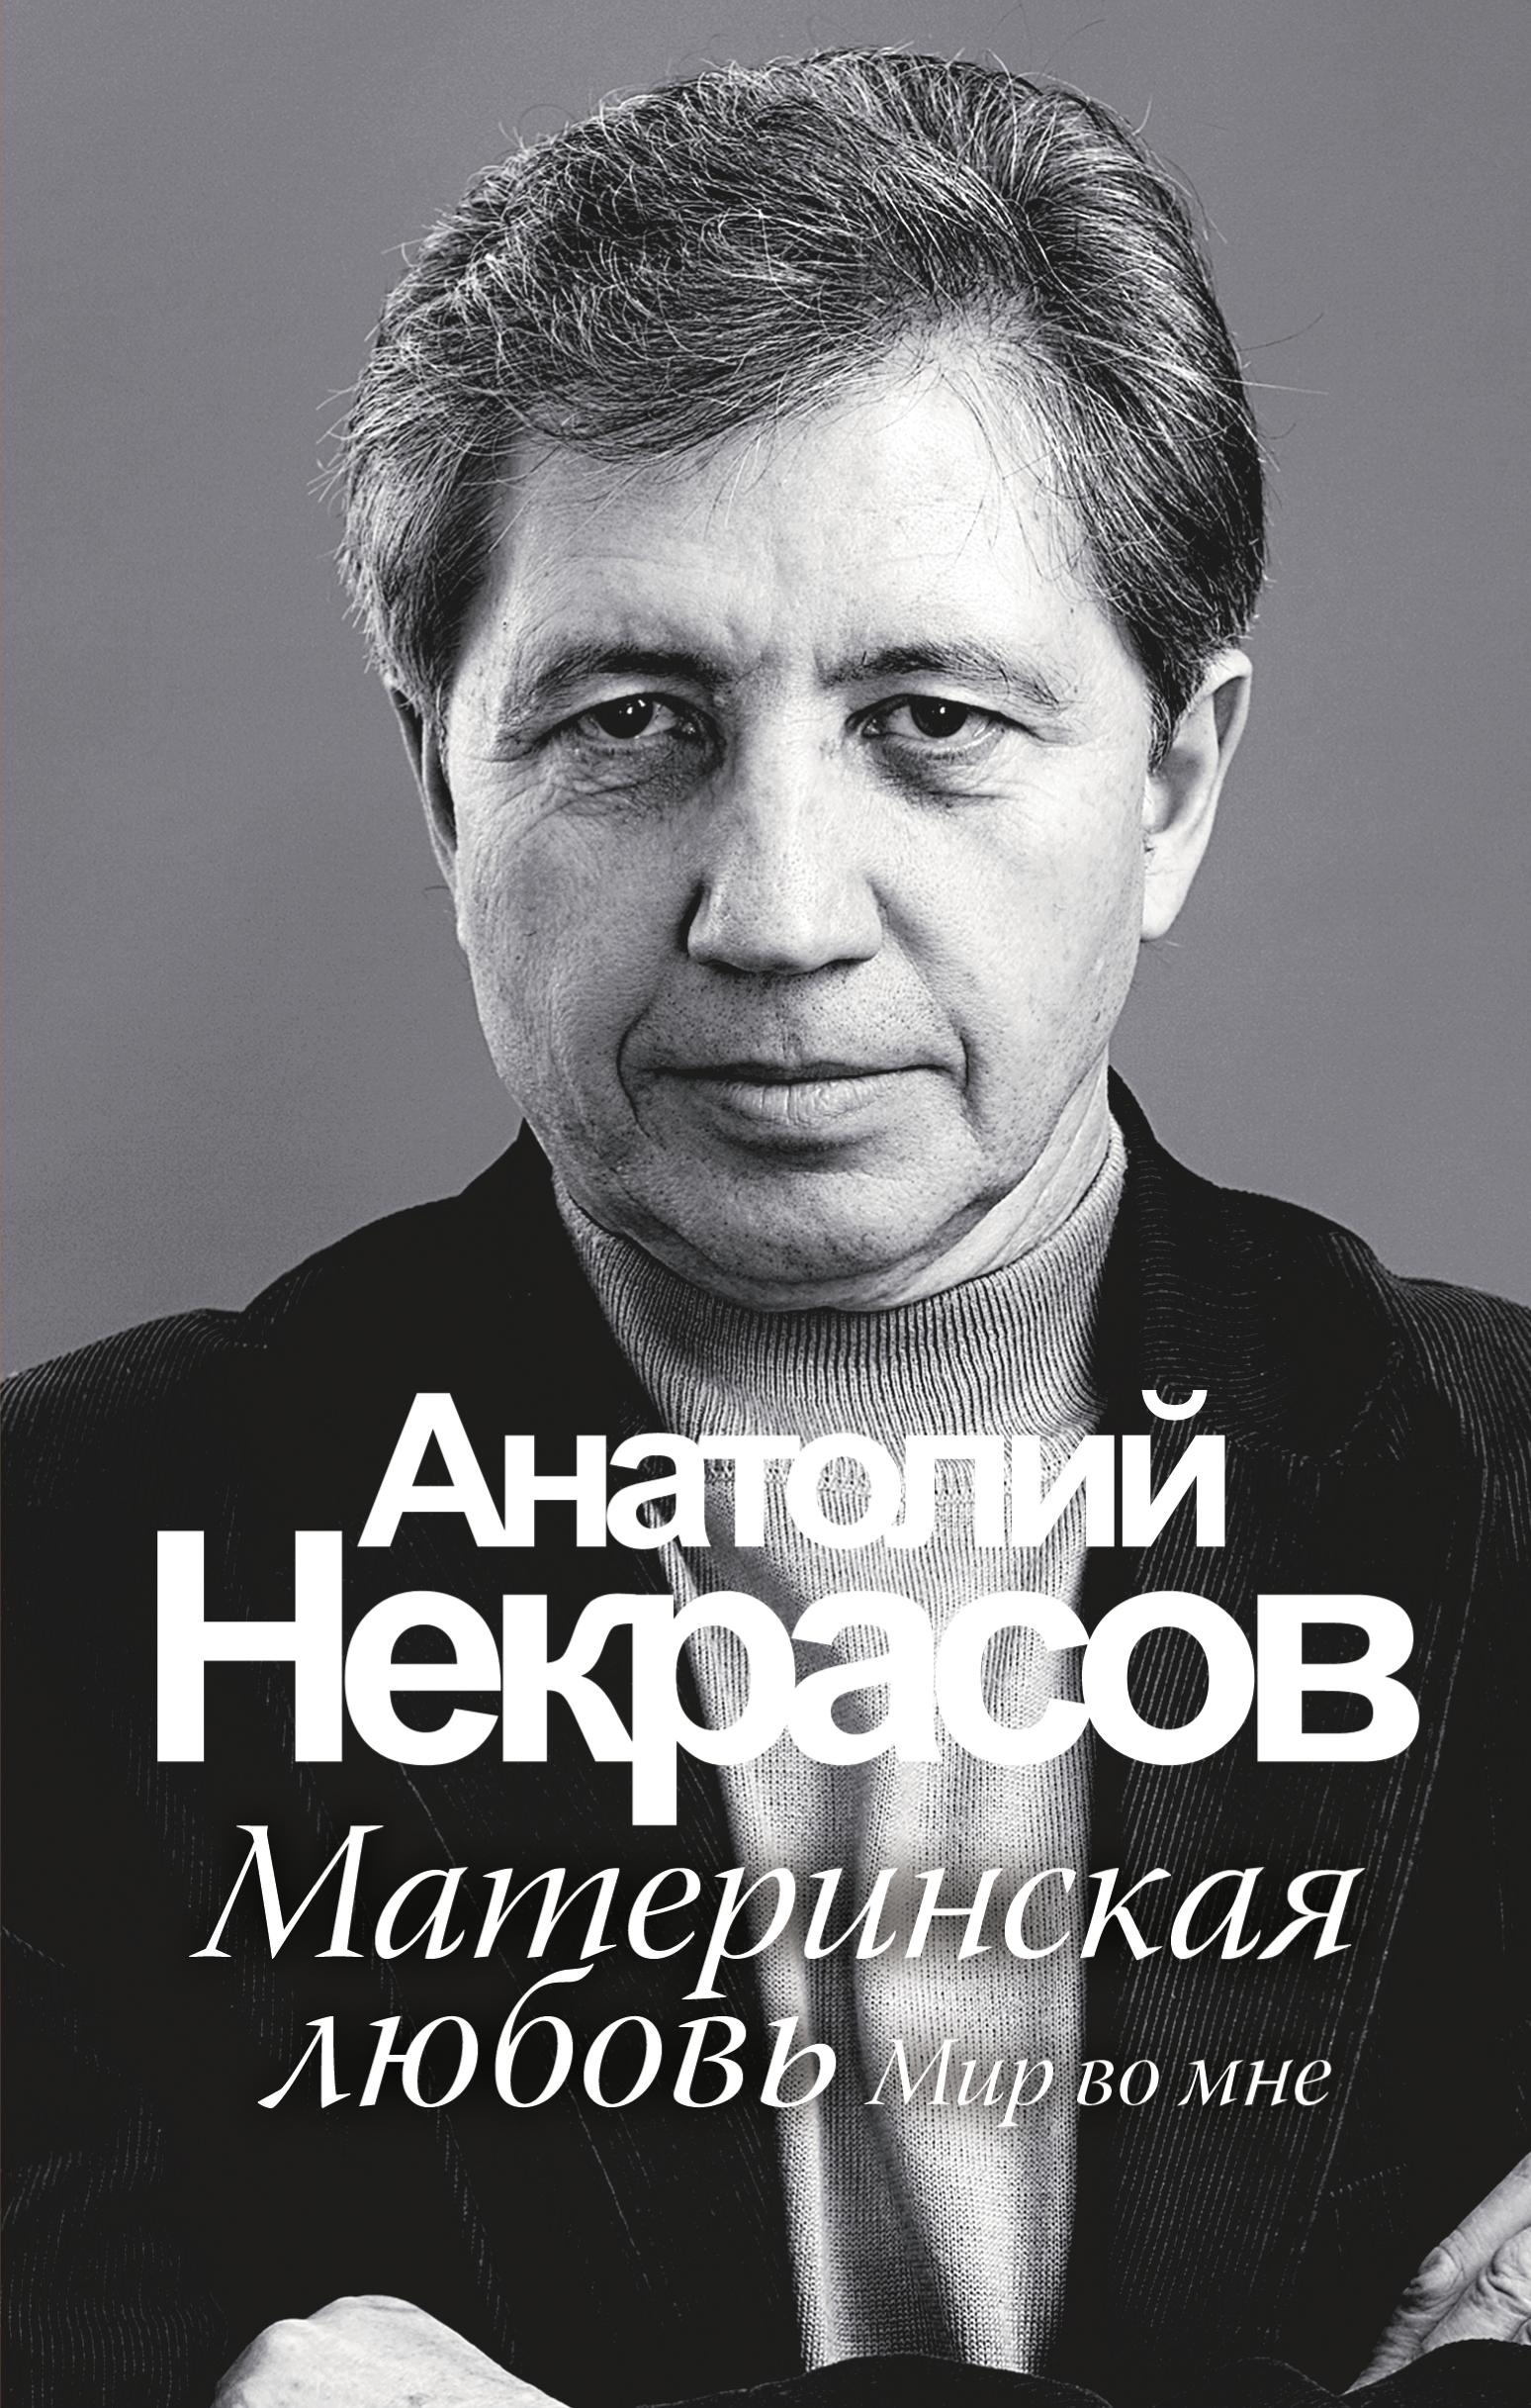 Некрасов Анатолий Александрович Материнская любовь